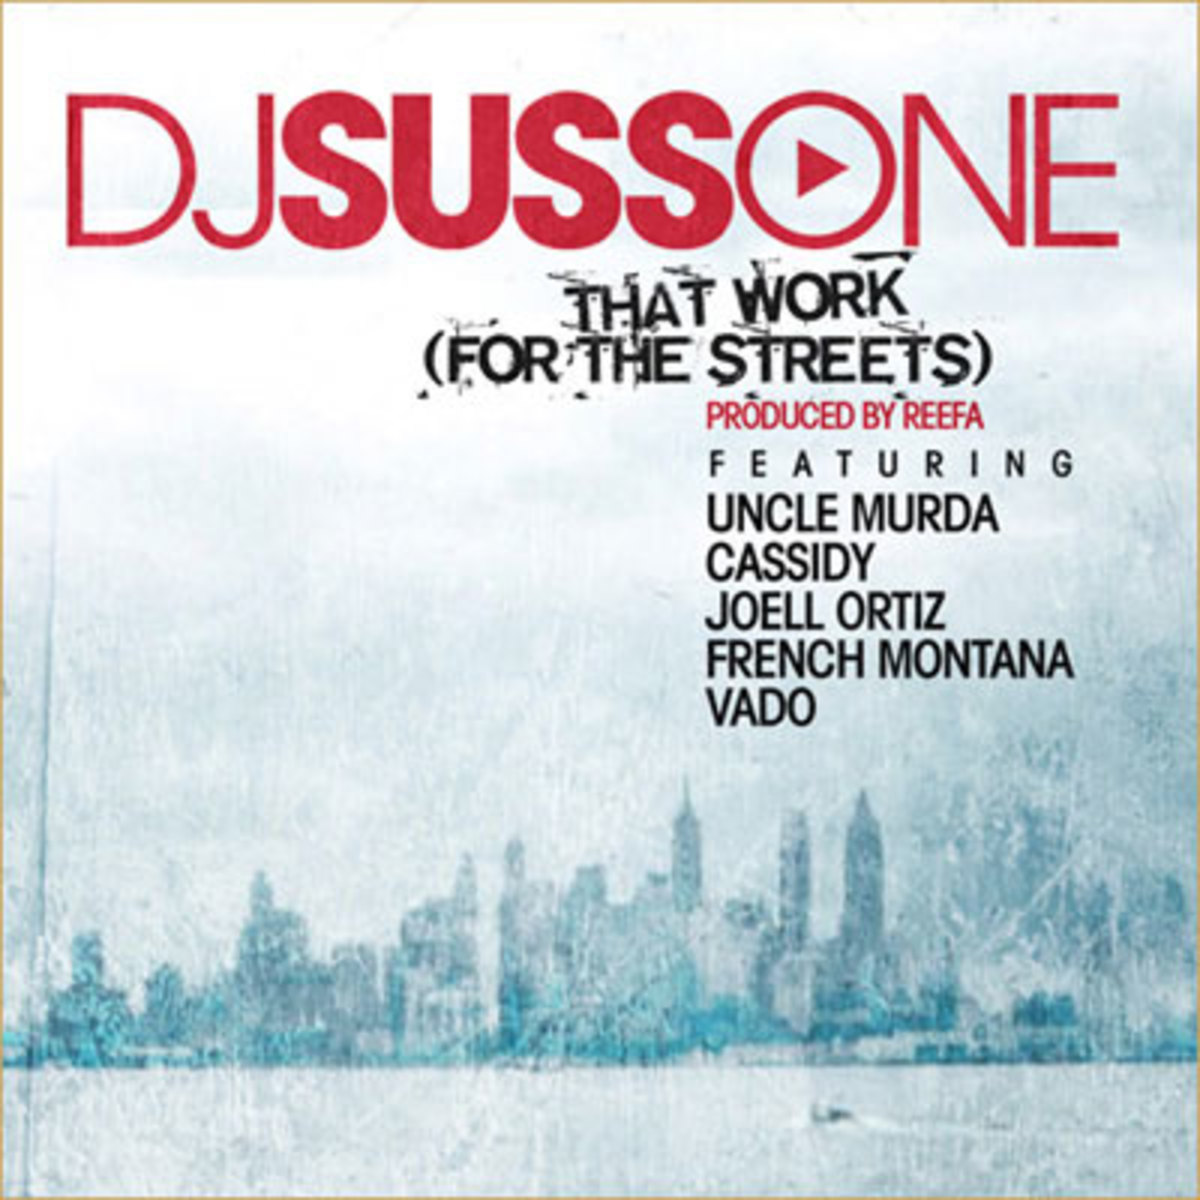 djsussone-thatwork.jpg